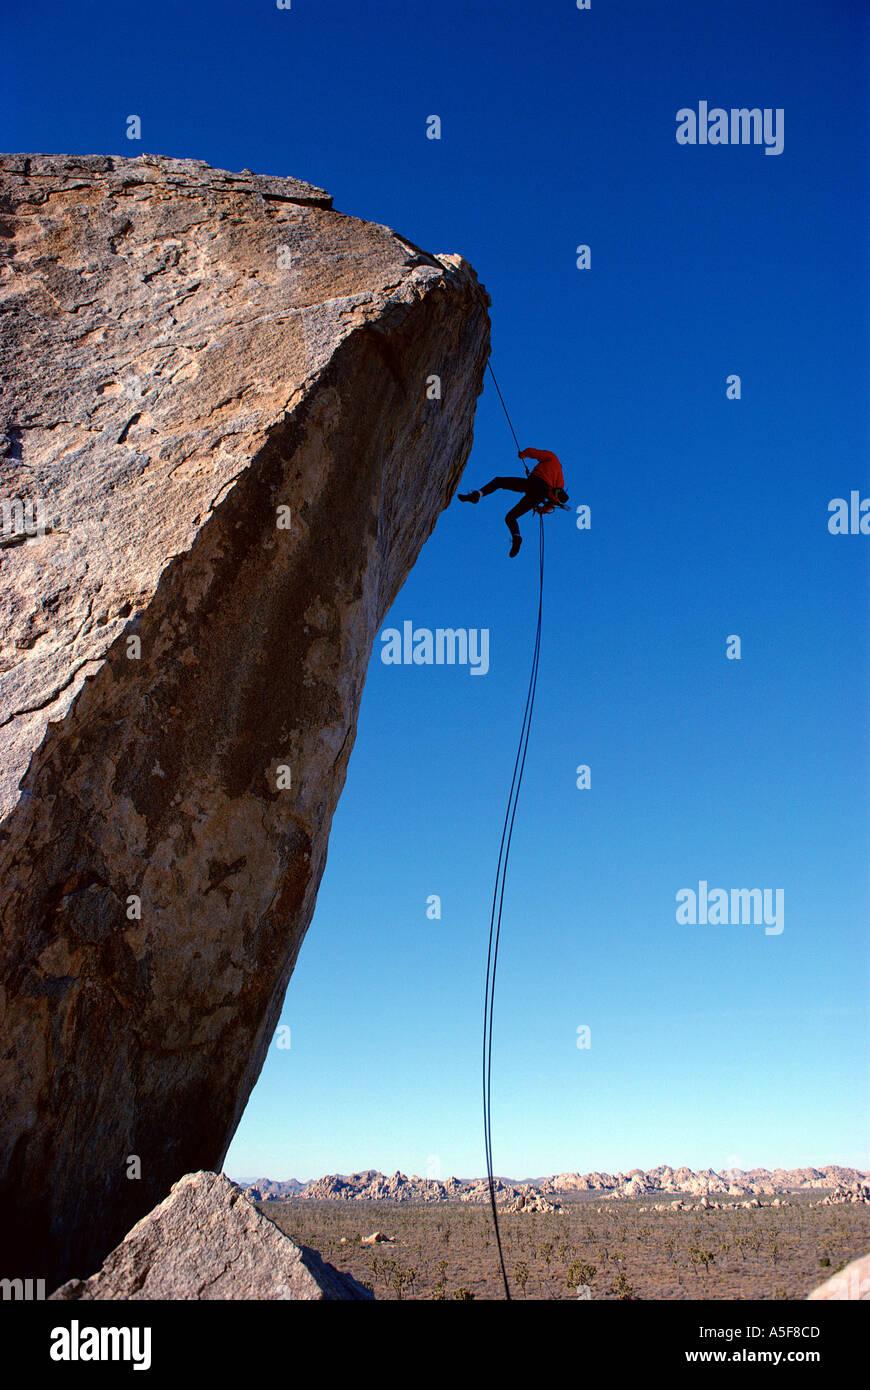 Mann Abseilen aus großen Felsbrocken beim Klettern in Joshua Tree Kalifornien Stockbild